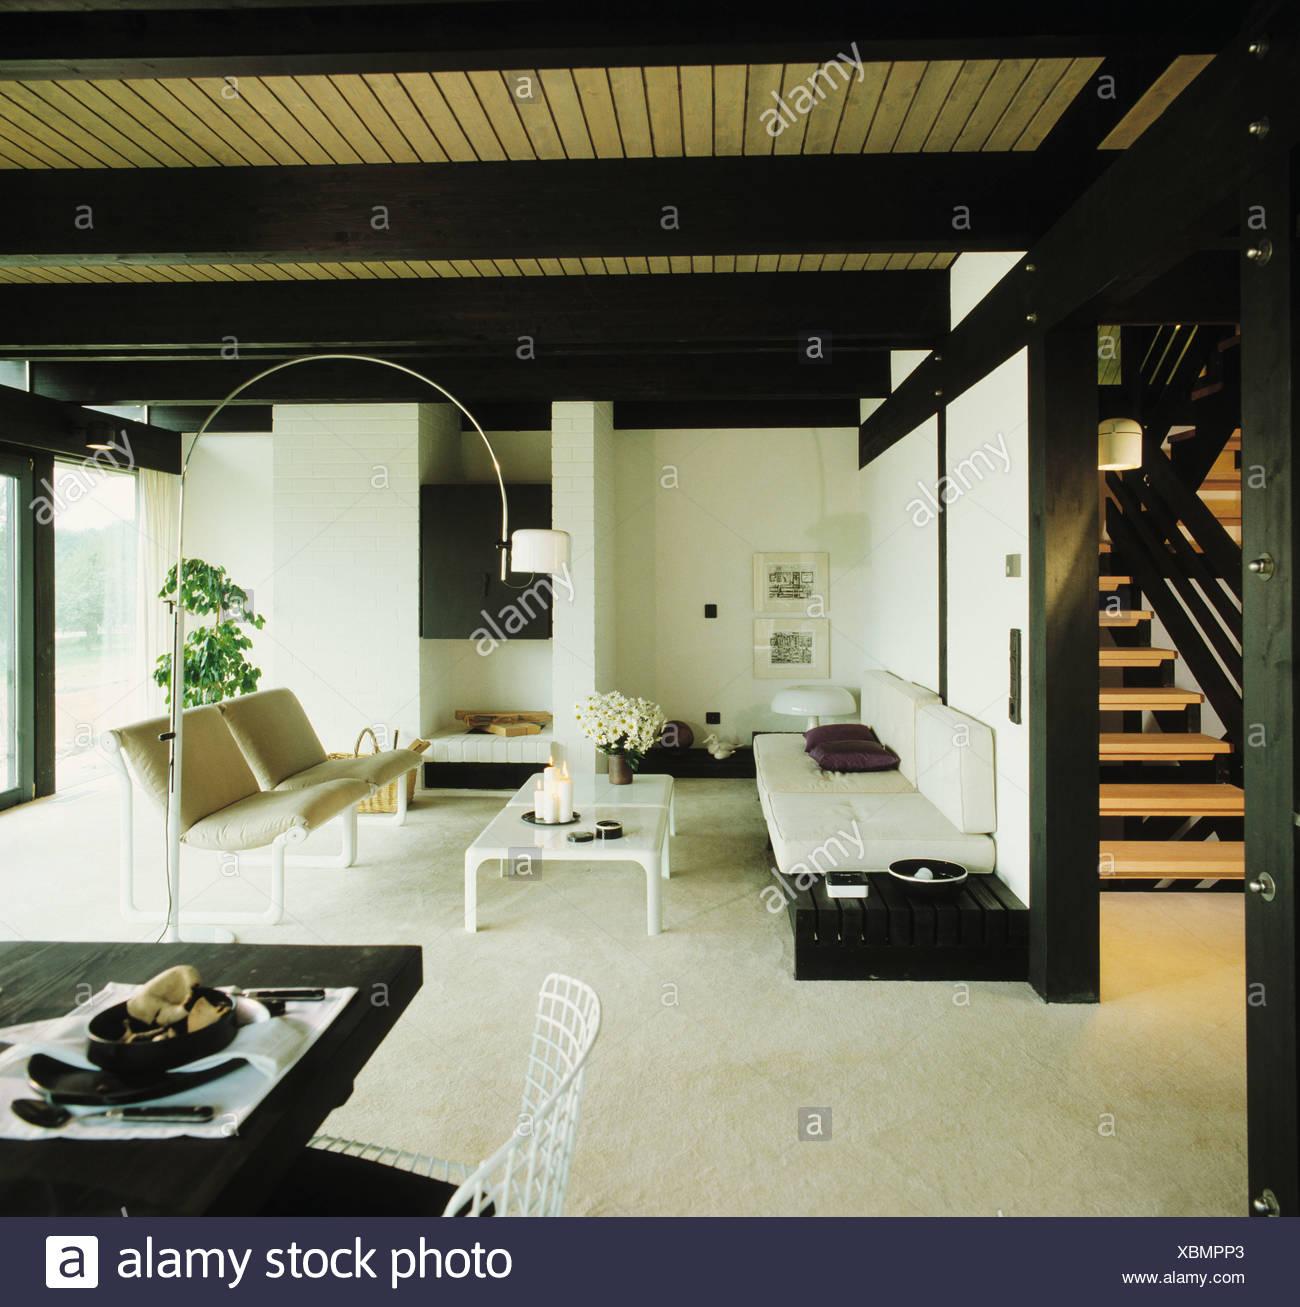 Weisses Sofa Und Tisch In Moderne Offene Wohn Esszimmer Mit Weisser